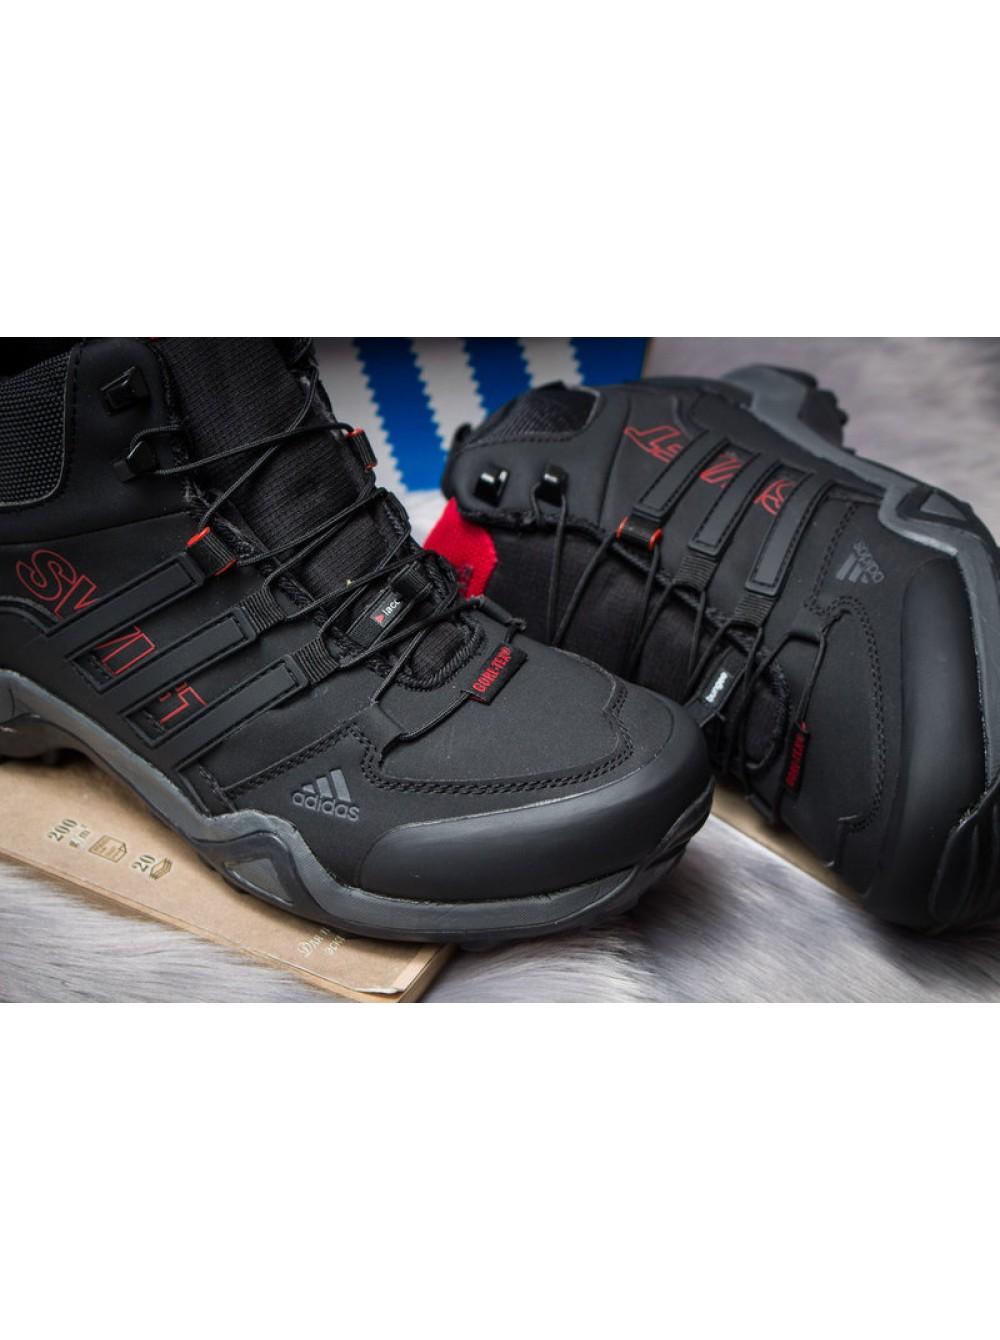 a8fd25e6 Ботинки зимние Adidas Terrex Gore Tex, Чёрные, 30514, 41-46р. купить